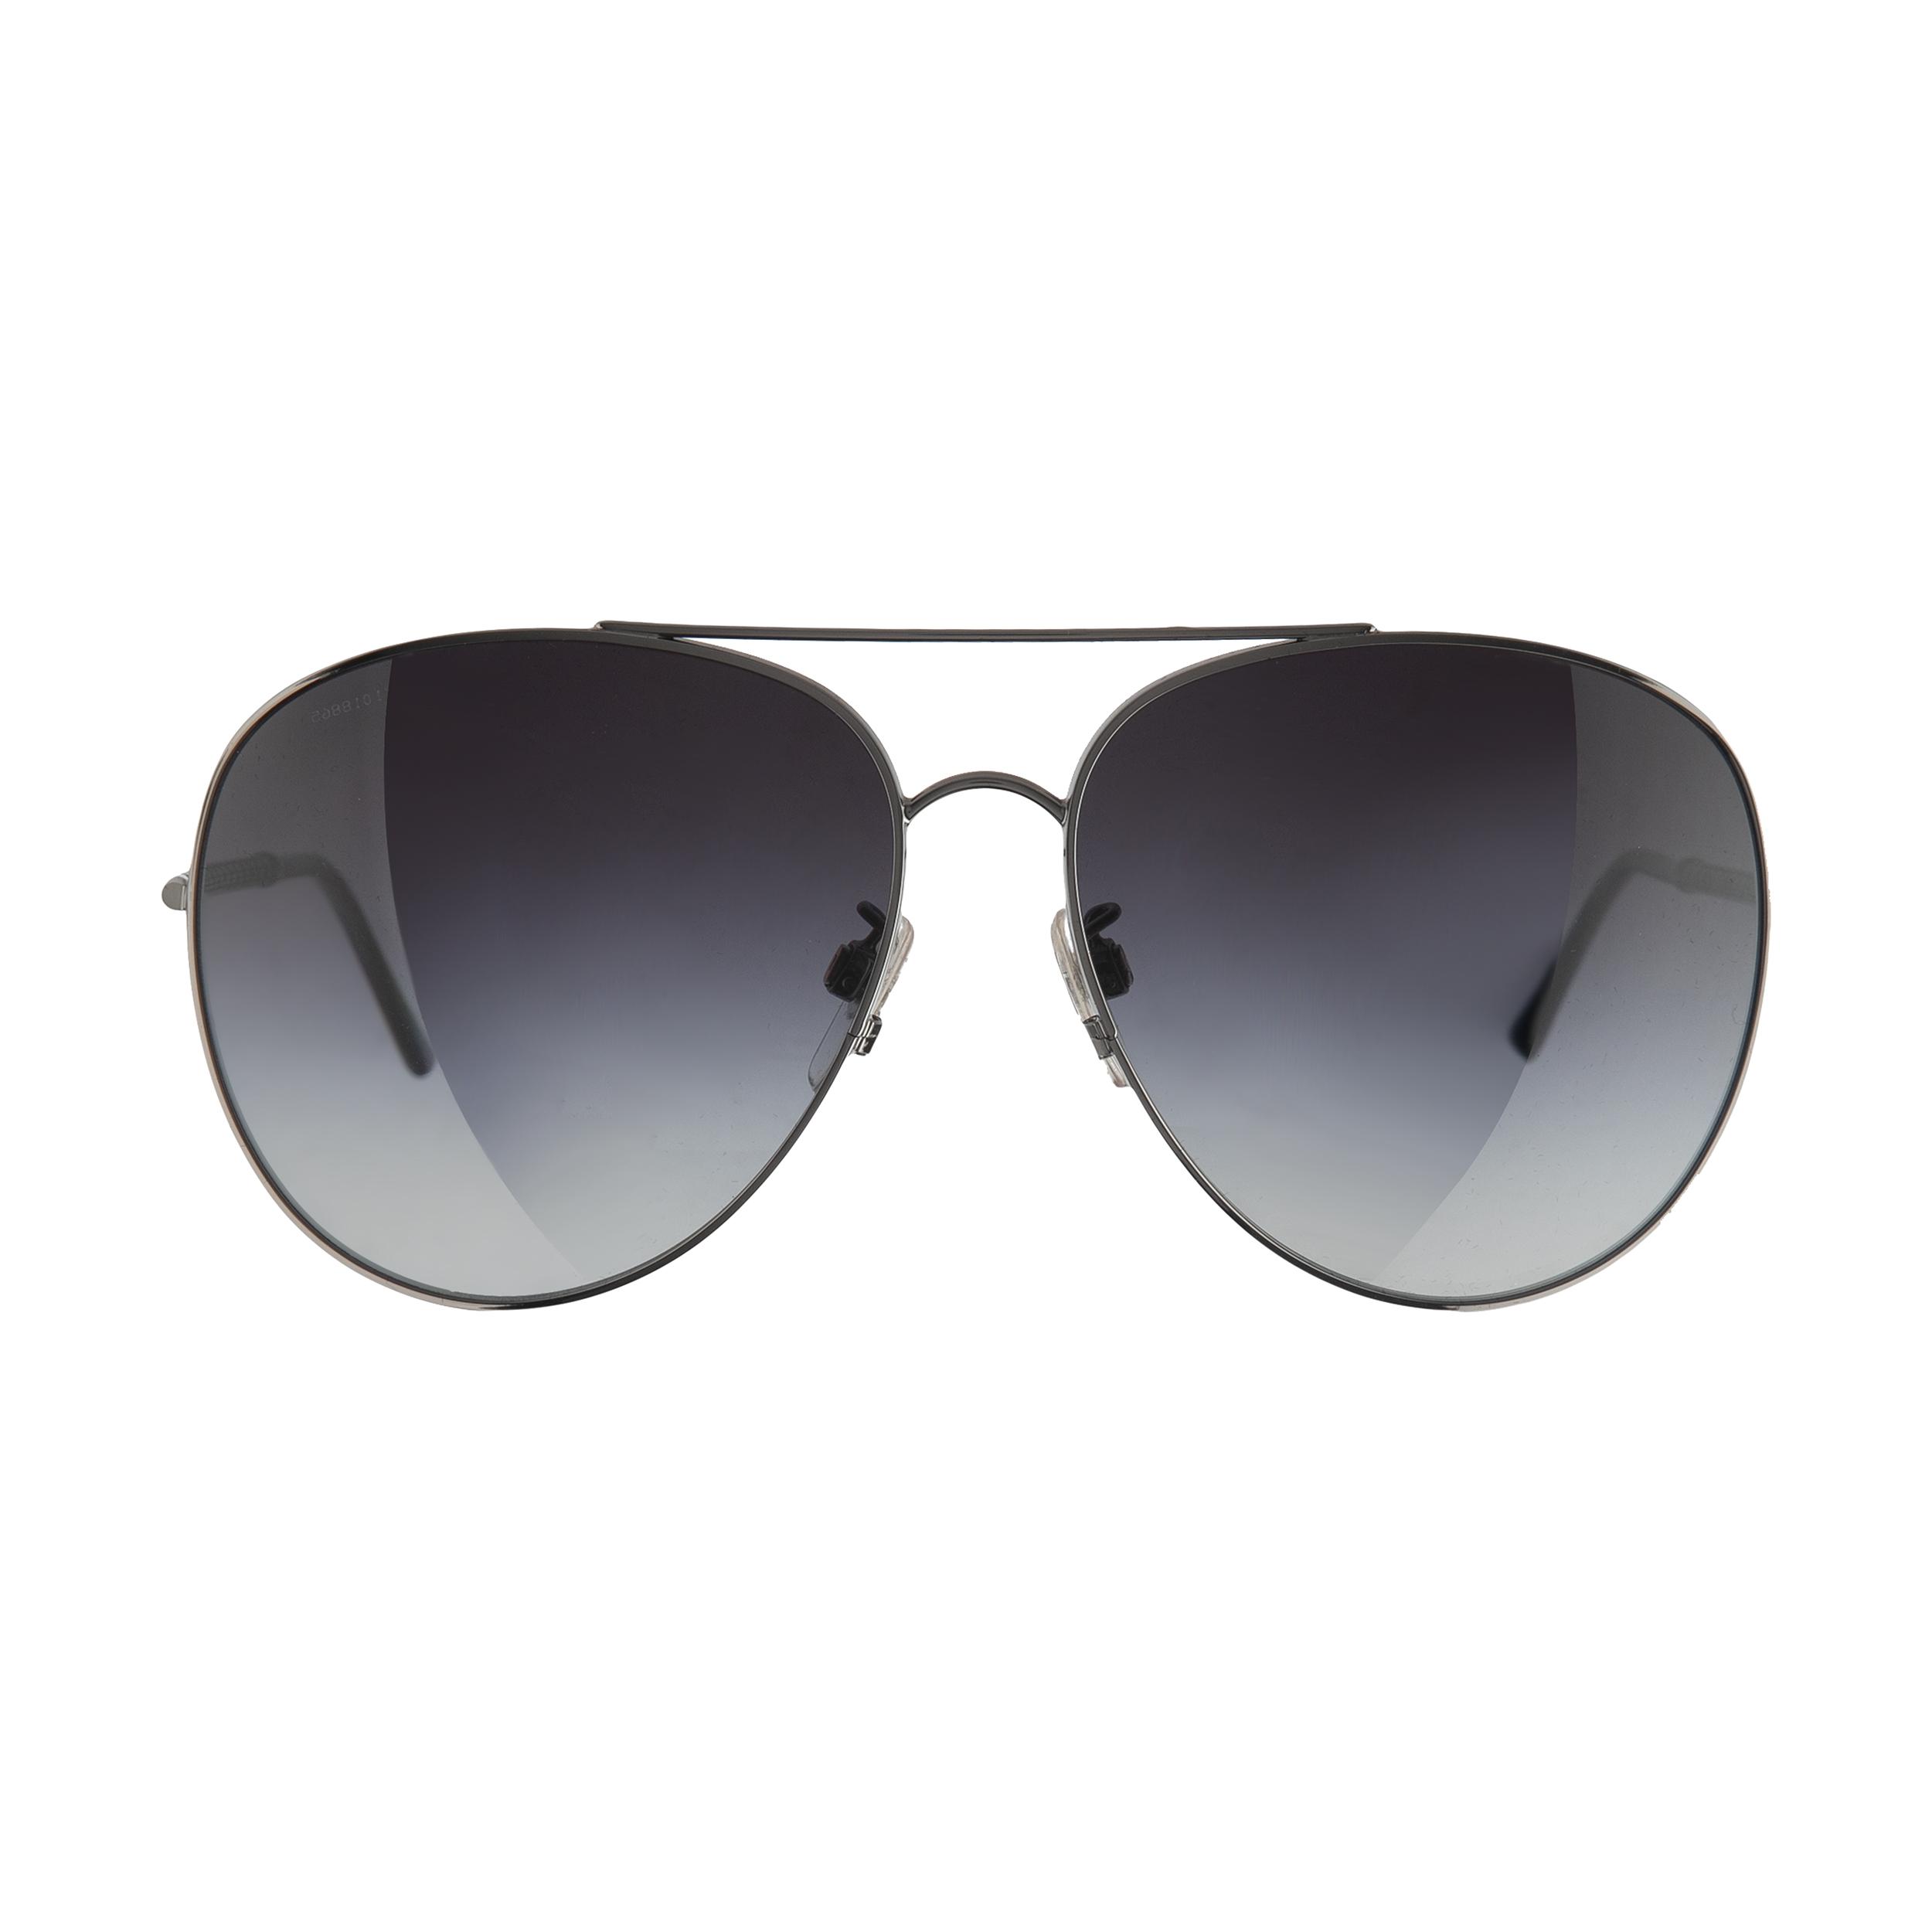 عینک آفتابی زنانه بربری مدل BE 3051S 10068G 61 -  - 2